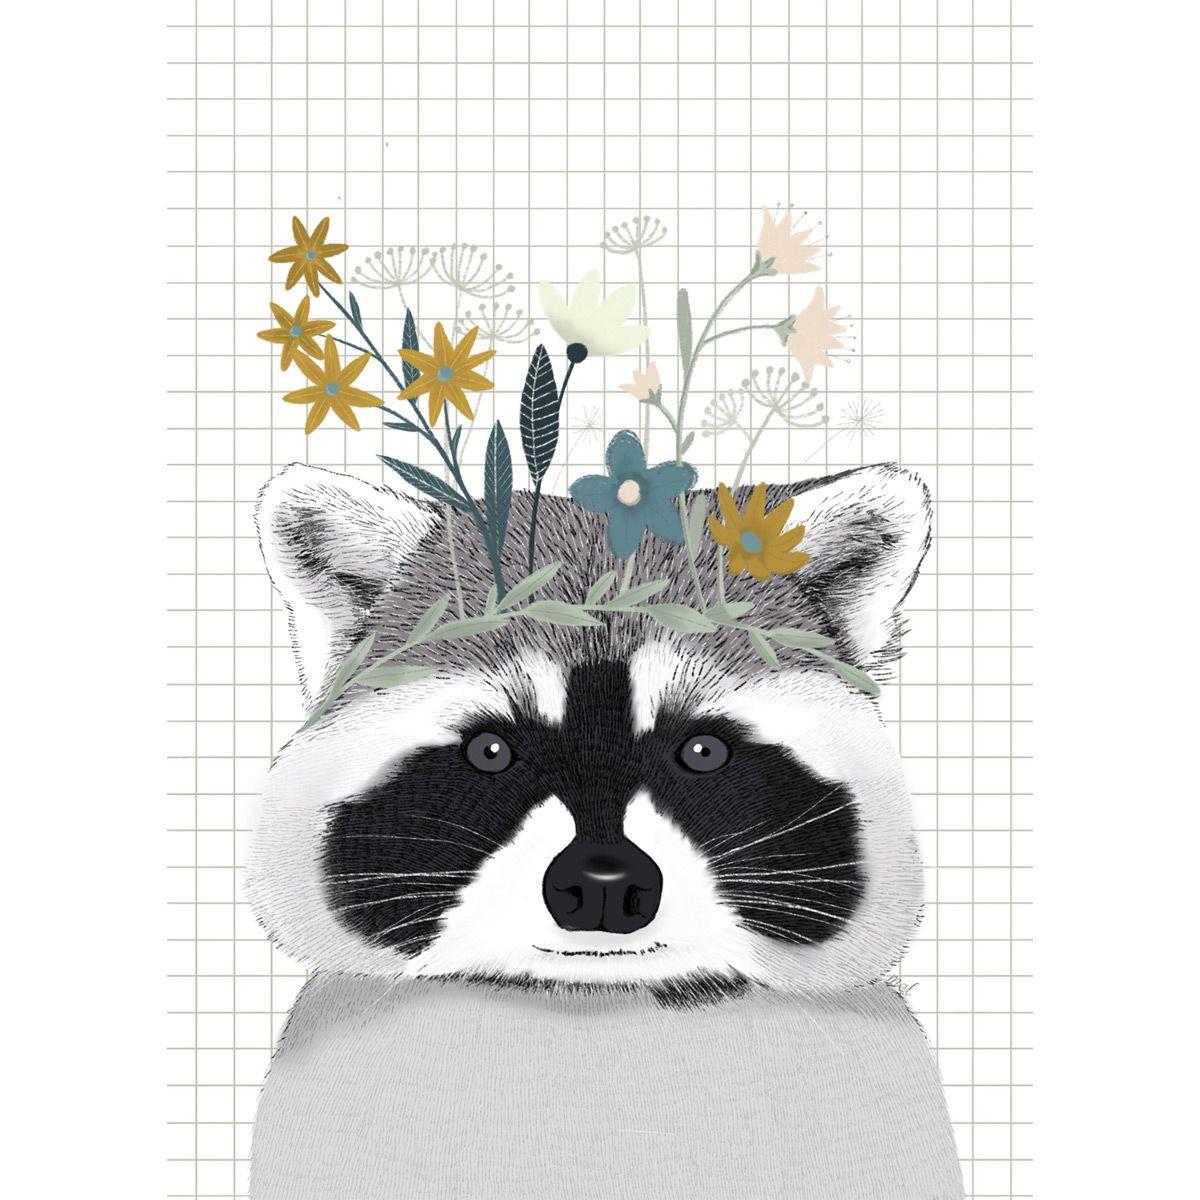 L'affiche Raton laveur est idéale en décoration dans une chambre d'enfants. C'est un cadeau de naissance original.